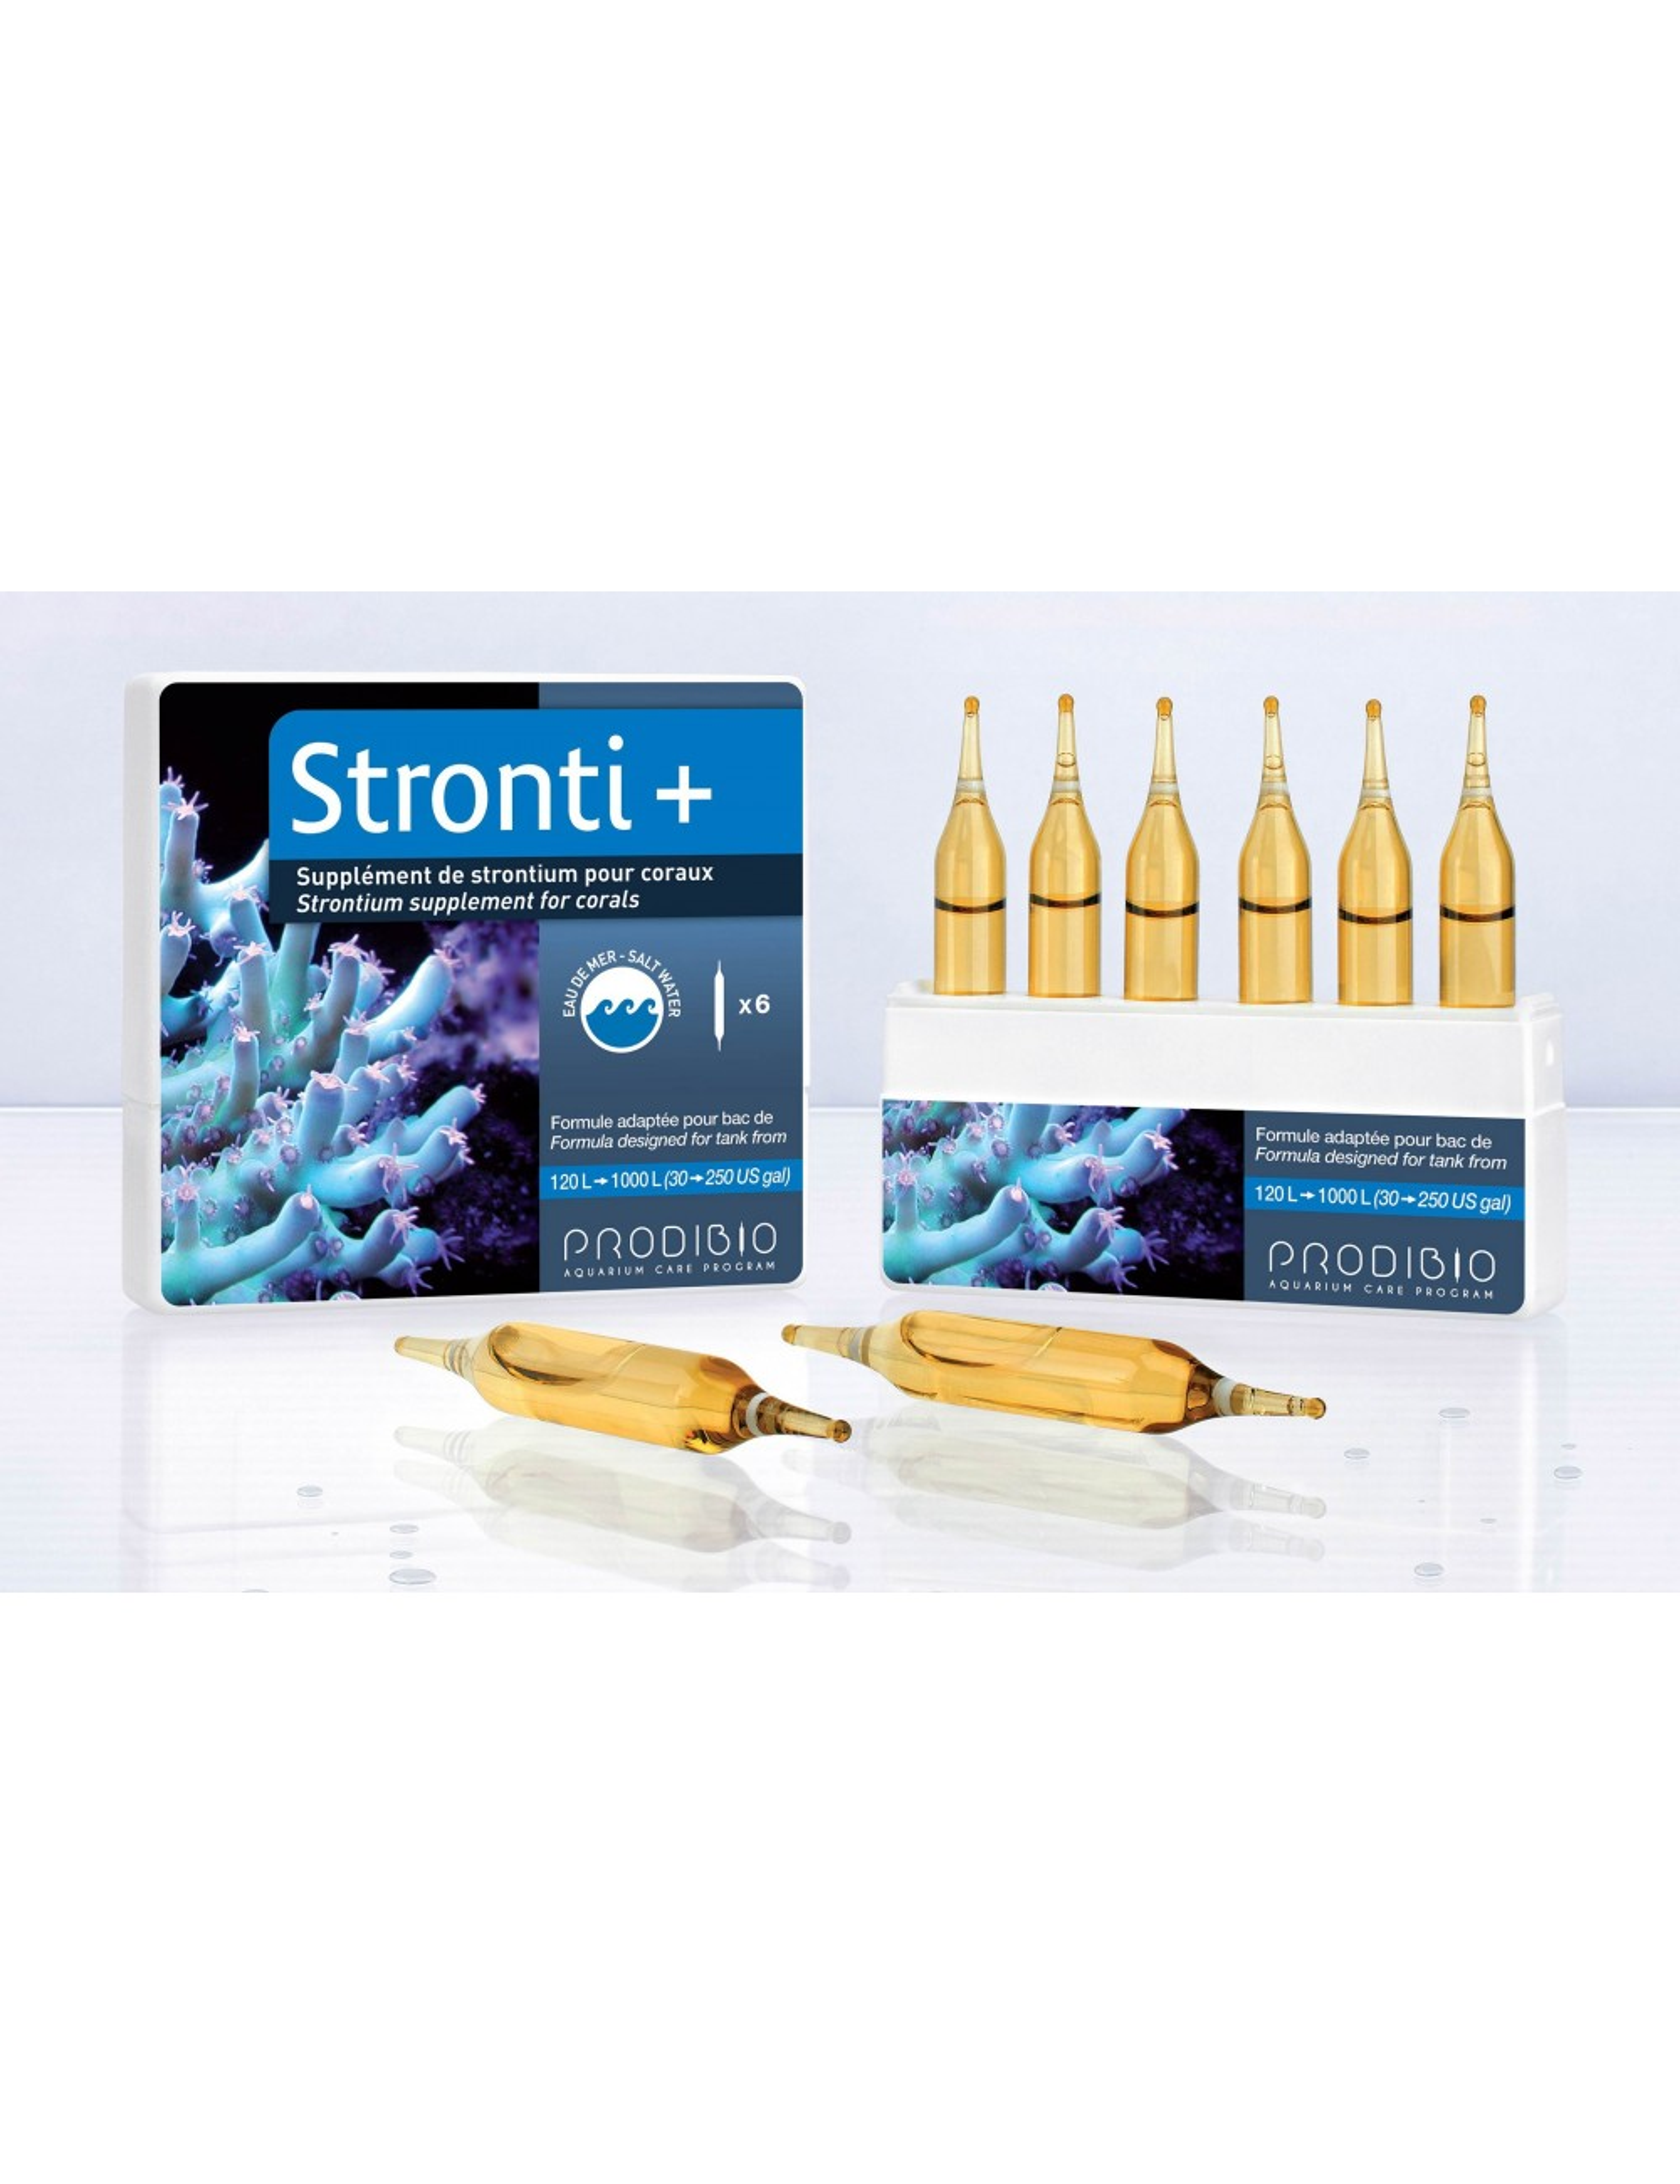 PRODIBIO Stronti+ 6 ampoules